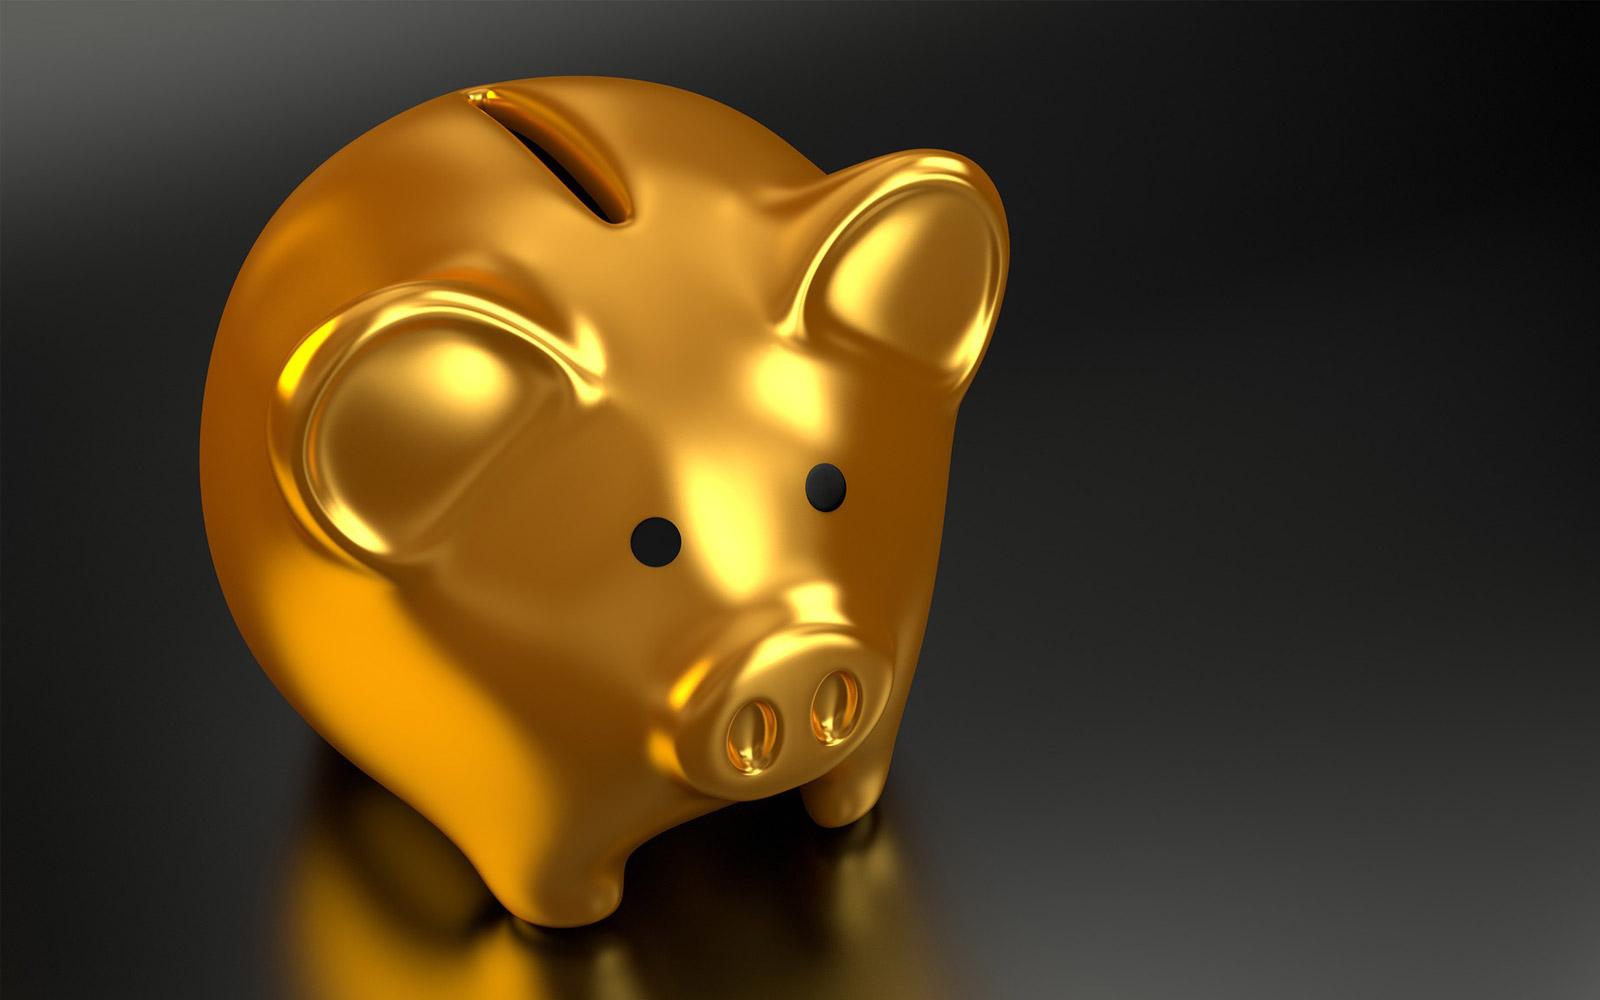 La importancia del ahorro y la inversión